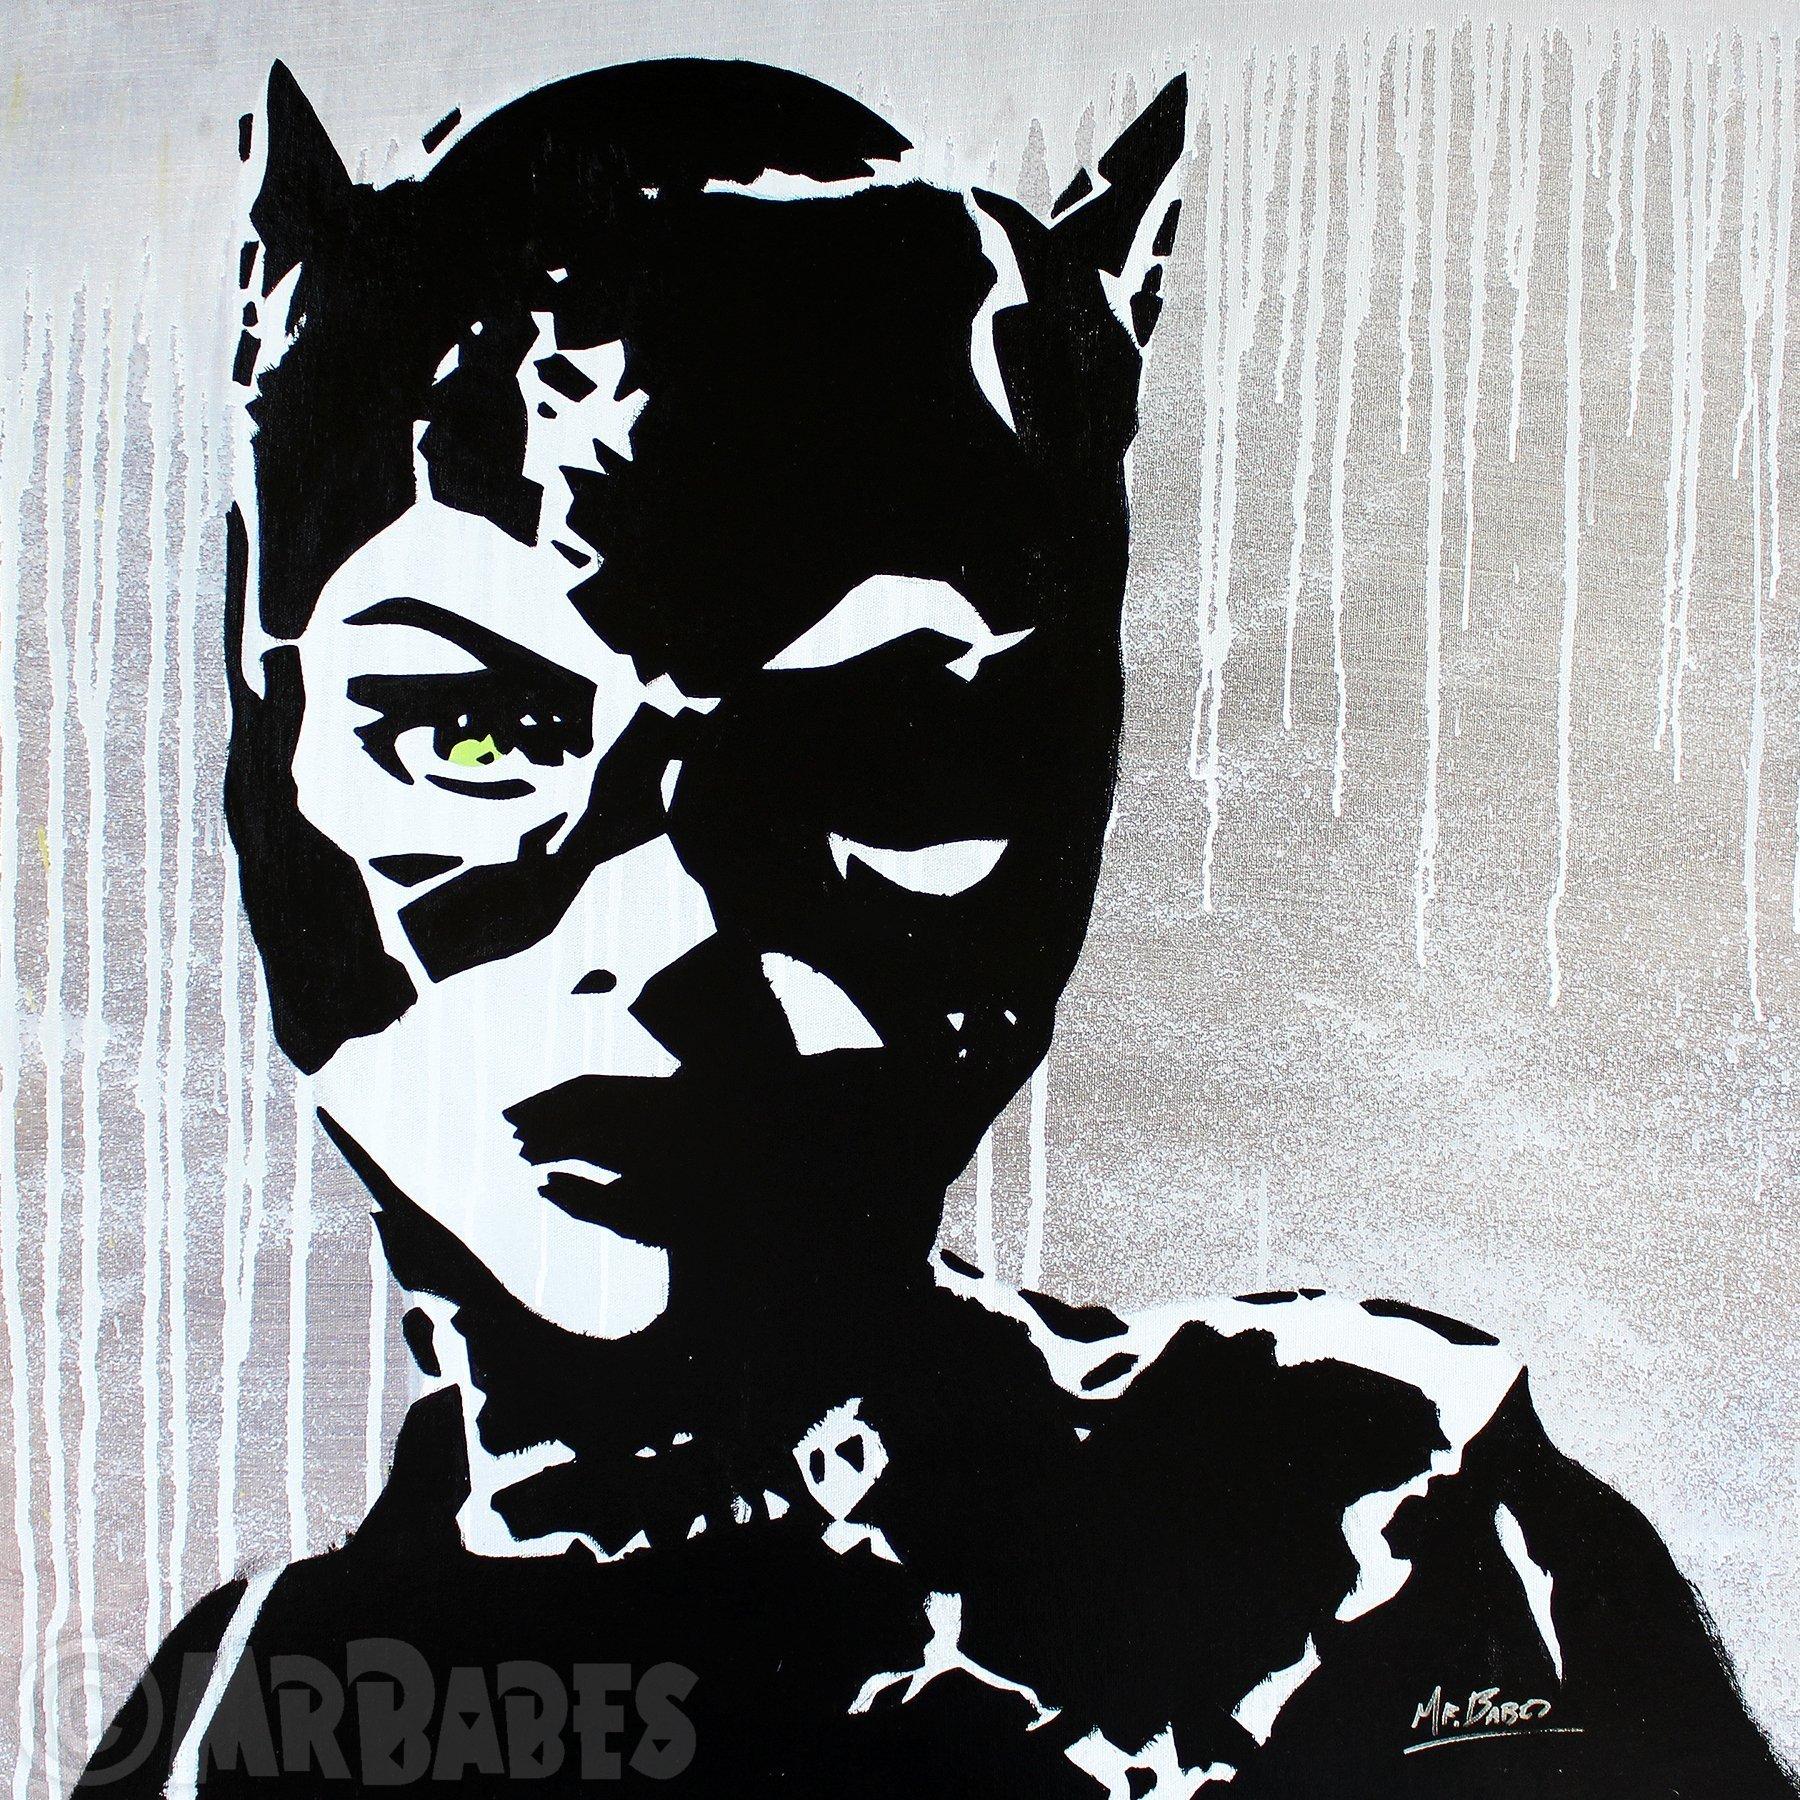 MR.BABES - ''Batman Returns: Catwoman (Michelle Pfeiffer)'' - Original Pop Art Painting - Comic Book Movie Portrait